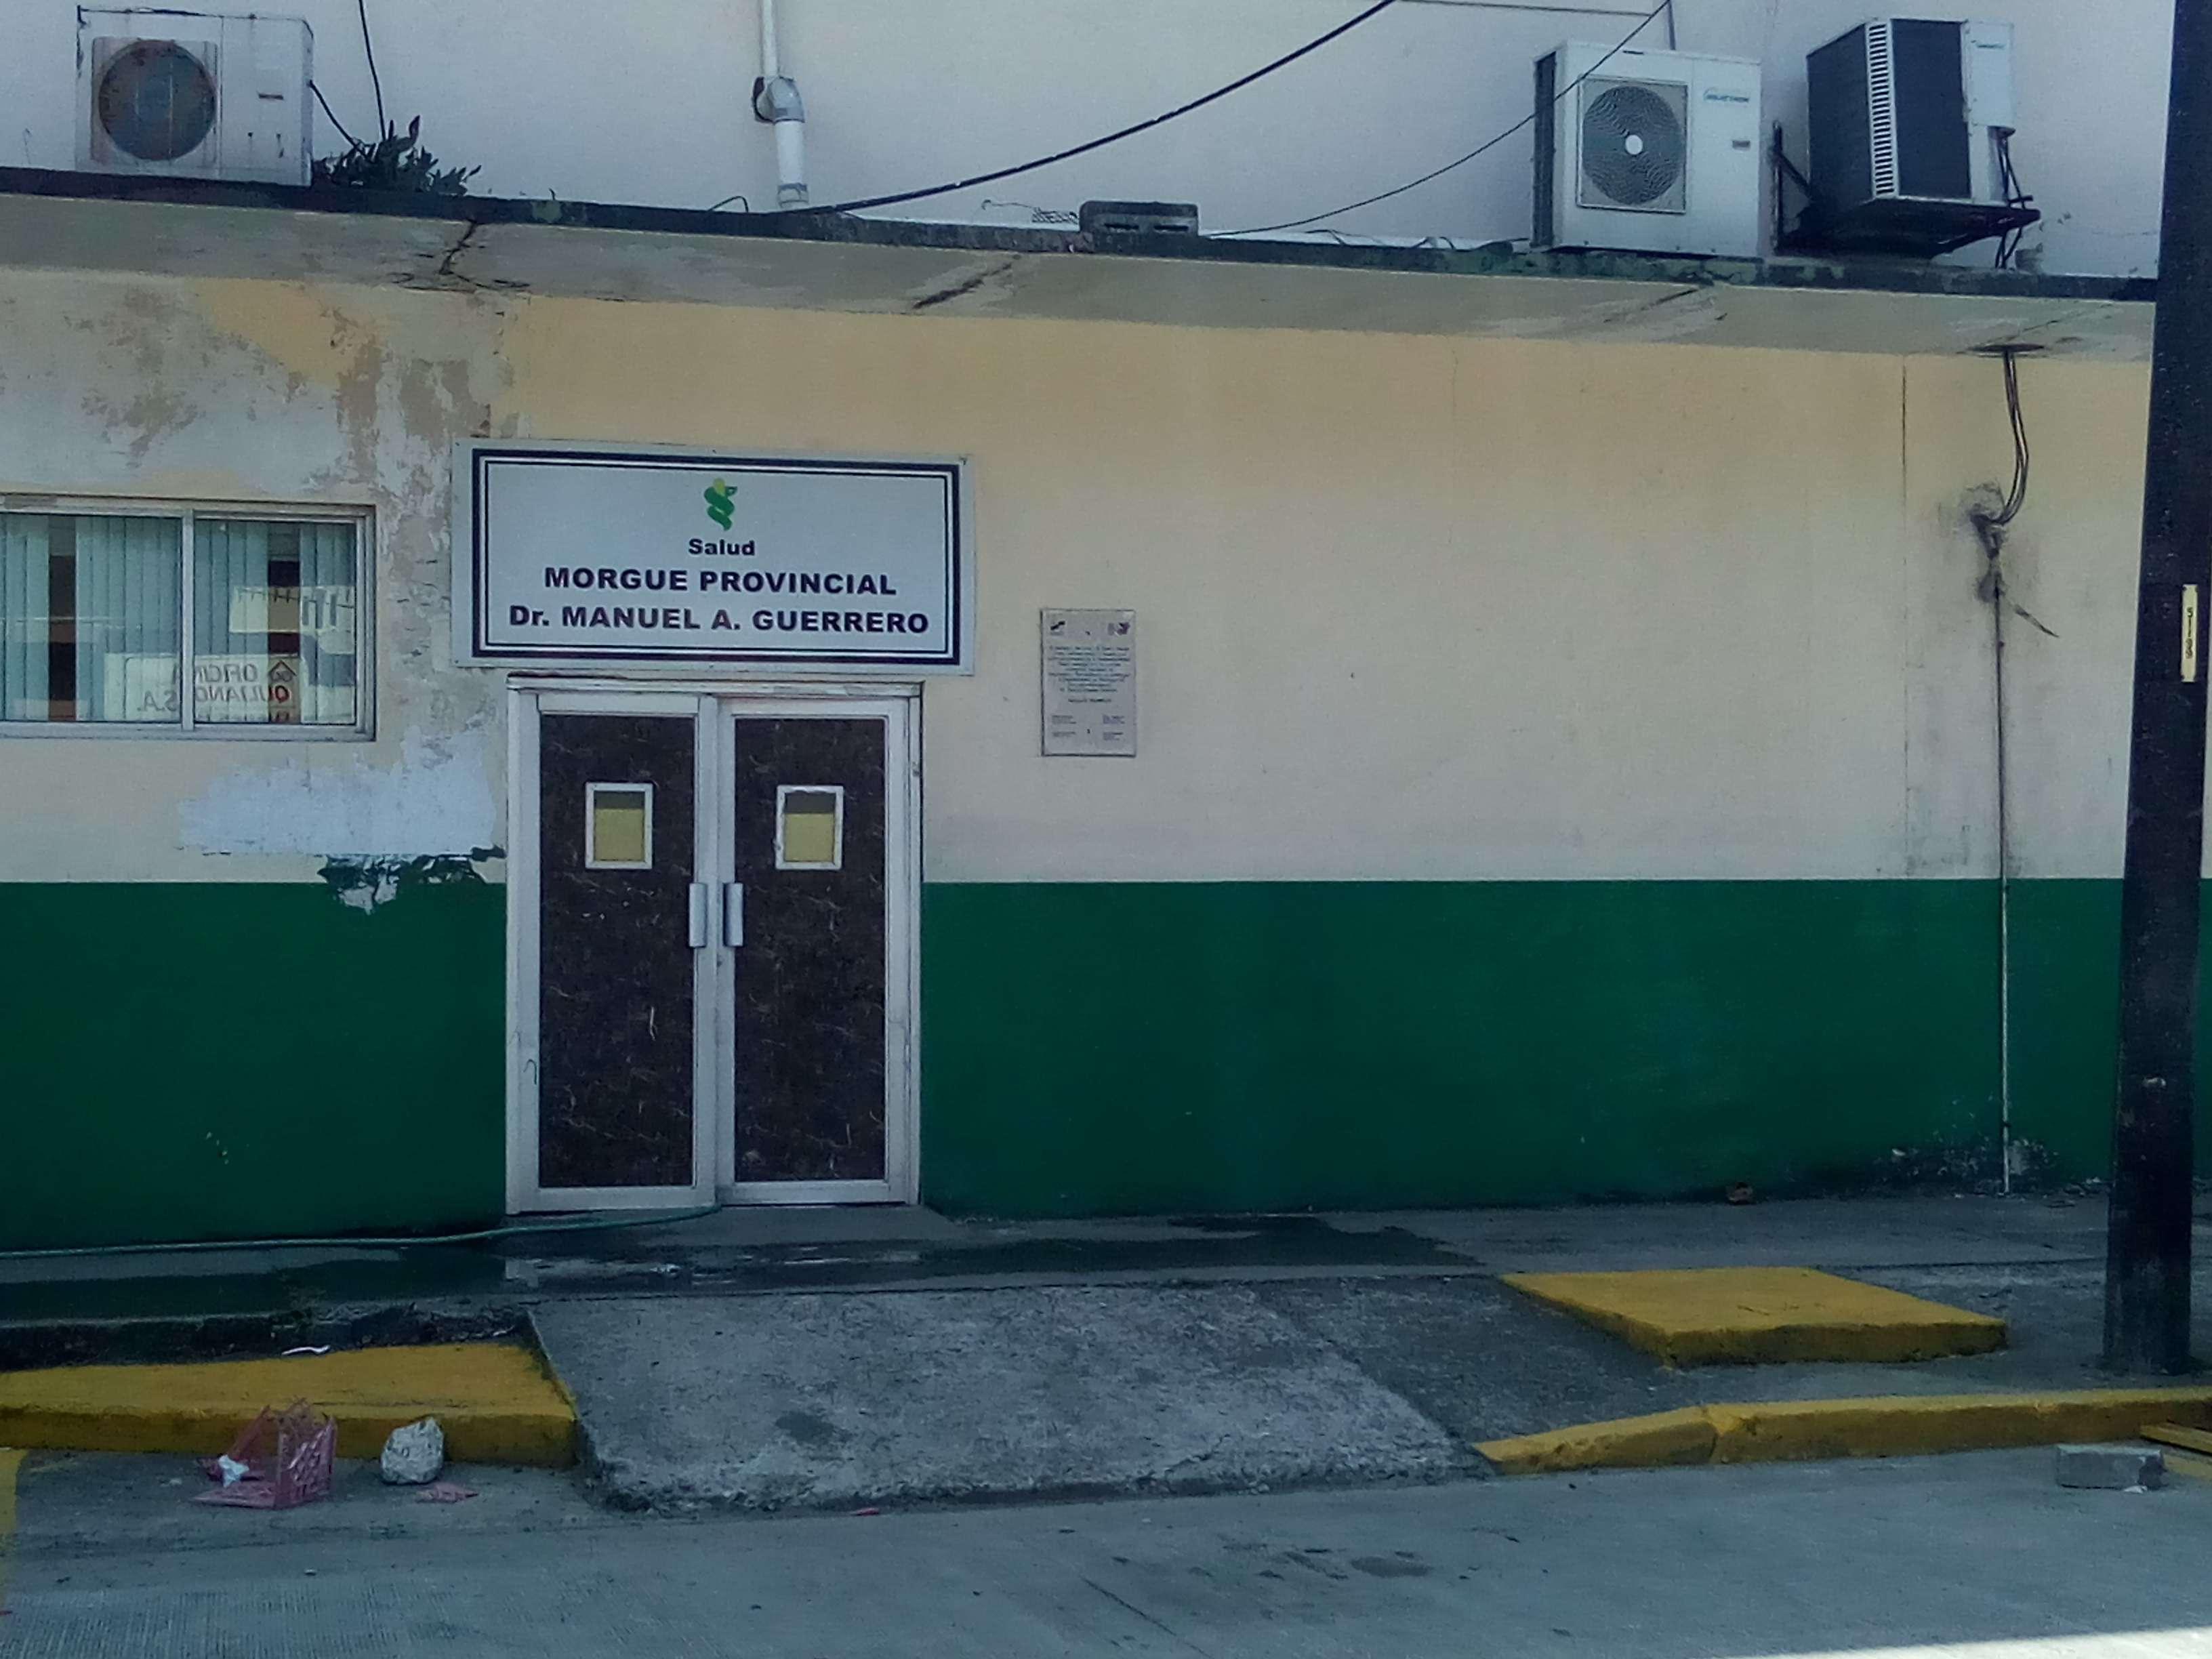 Instalaciones de la morgue judicial de Colón. Foto: Diómedes Sánchez